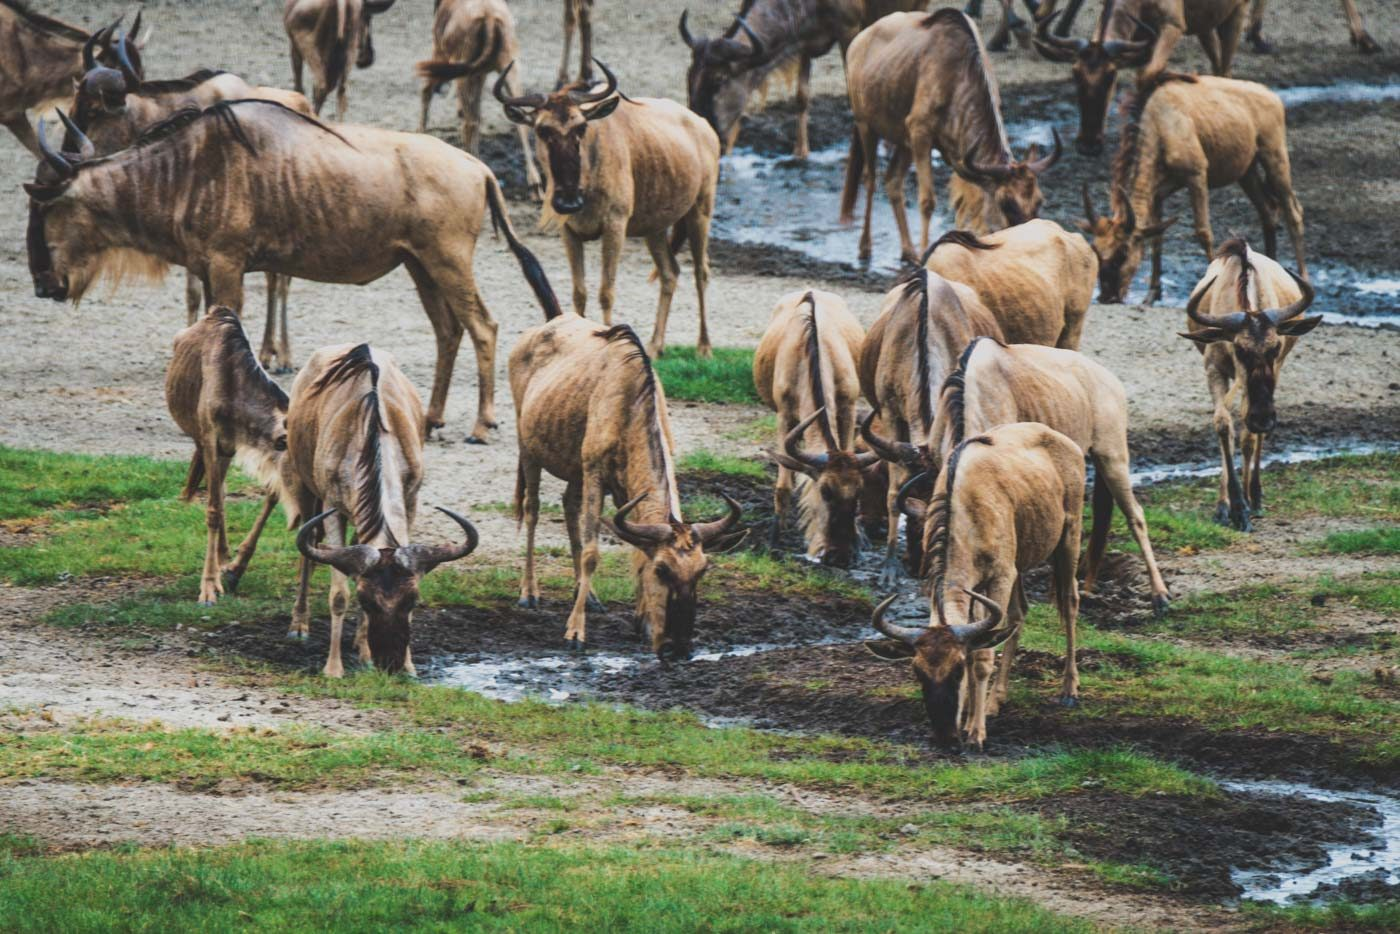 Serengeti wildlife at the water